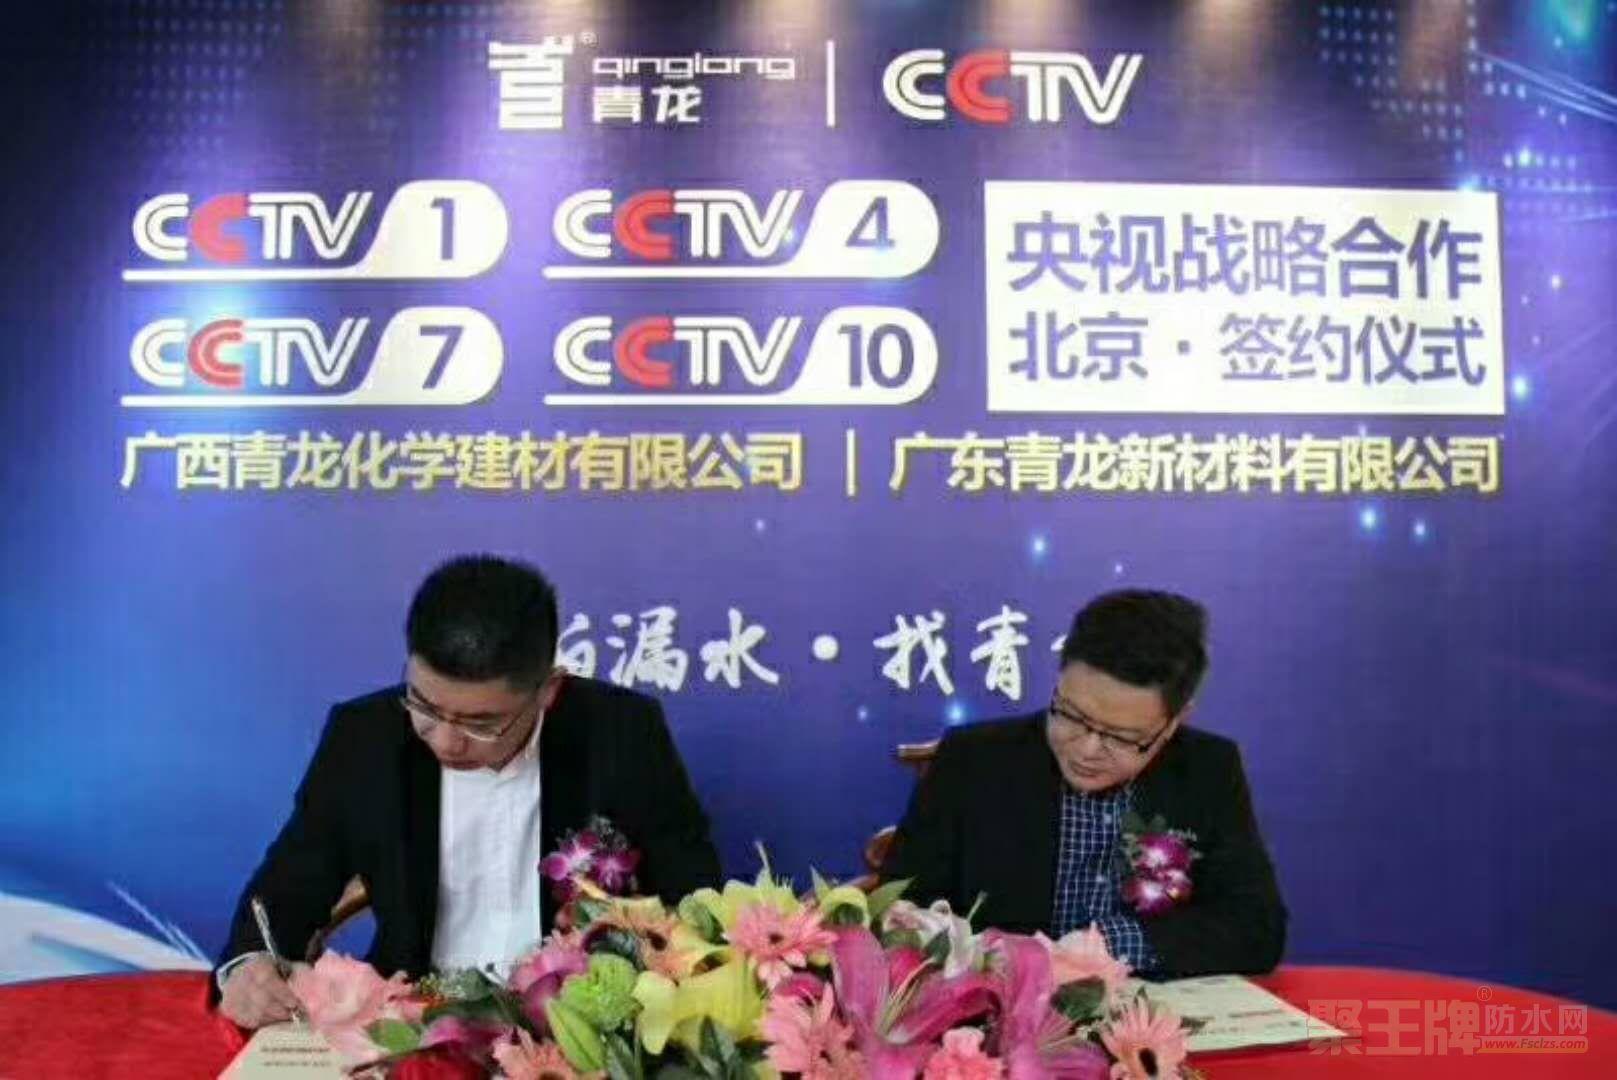 青龙防水品牌店面形象CCTV1、4/7/10广告签约